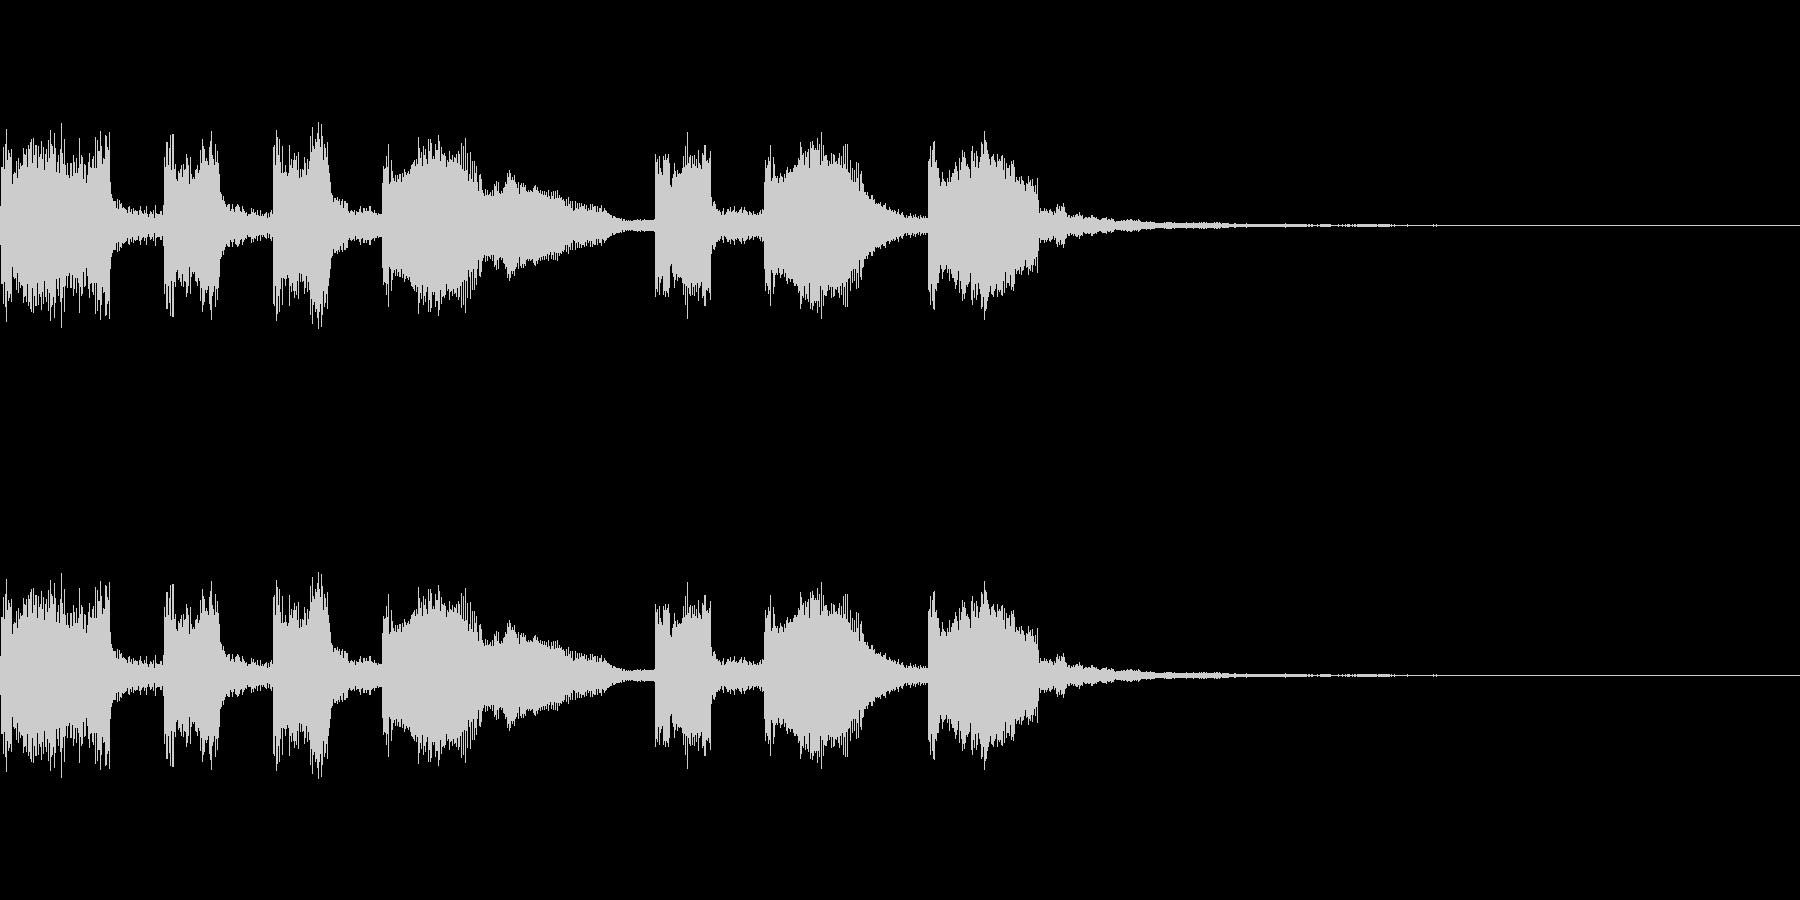 マクドナルドっぽいファンファーレの未再生の波形